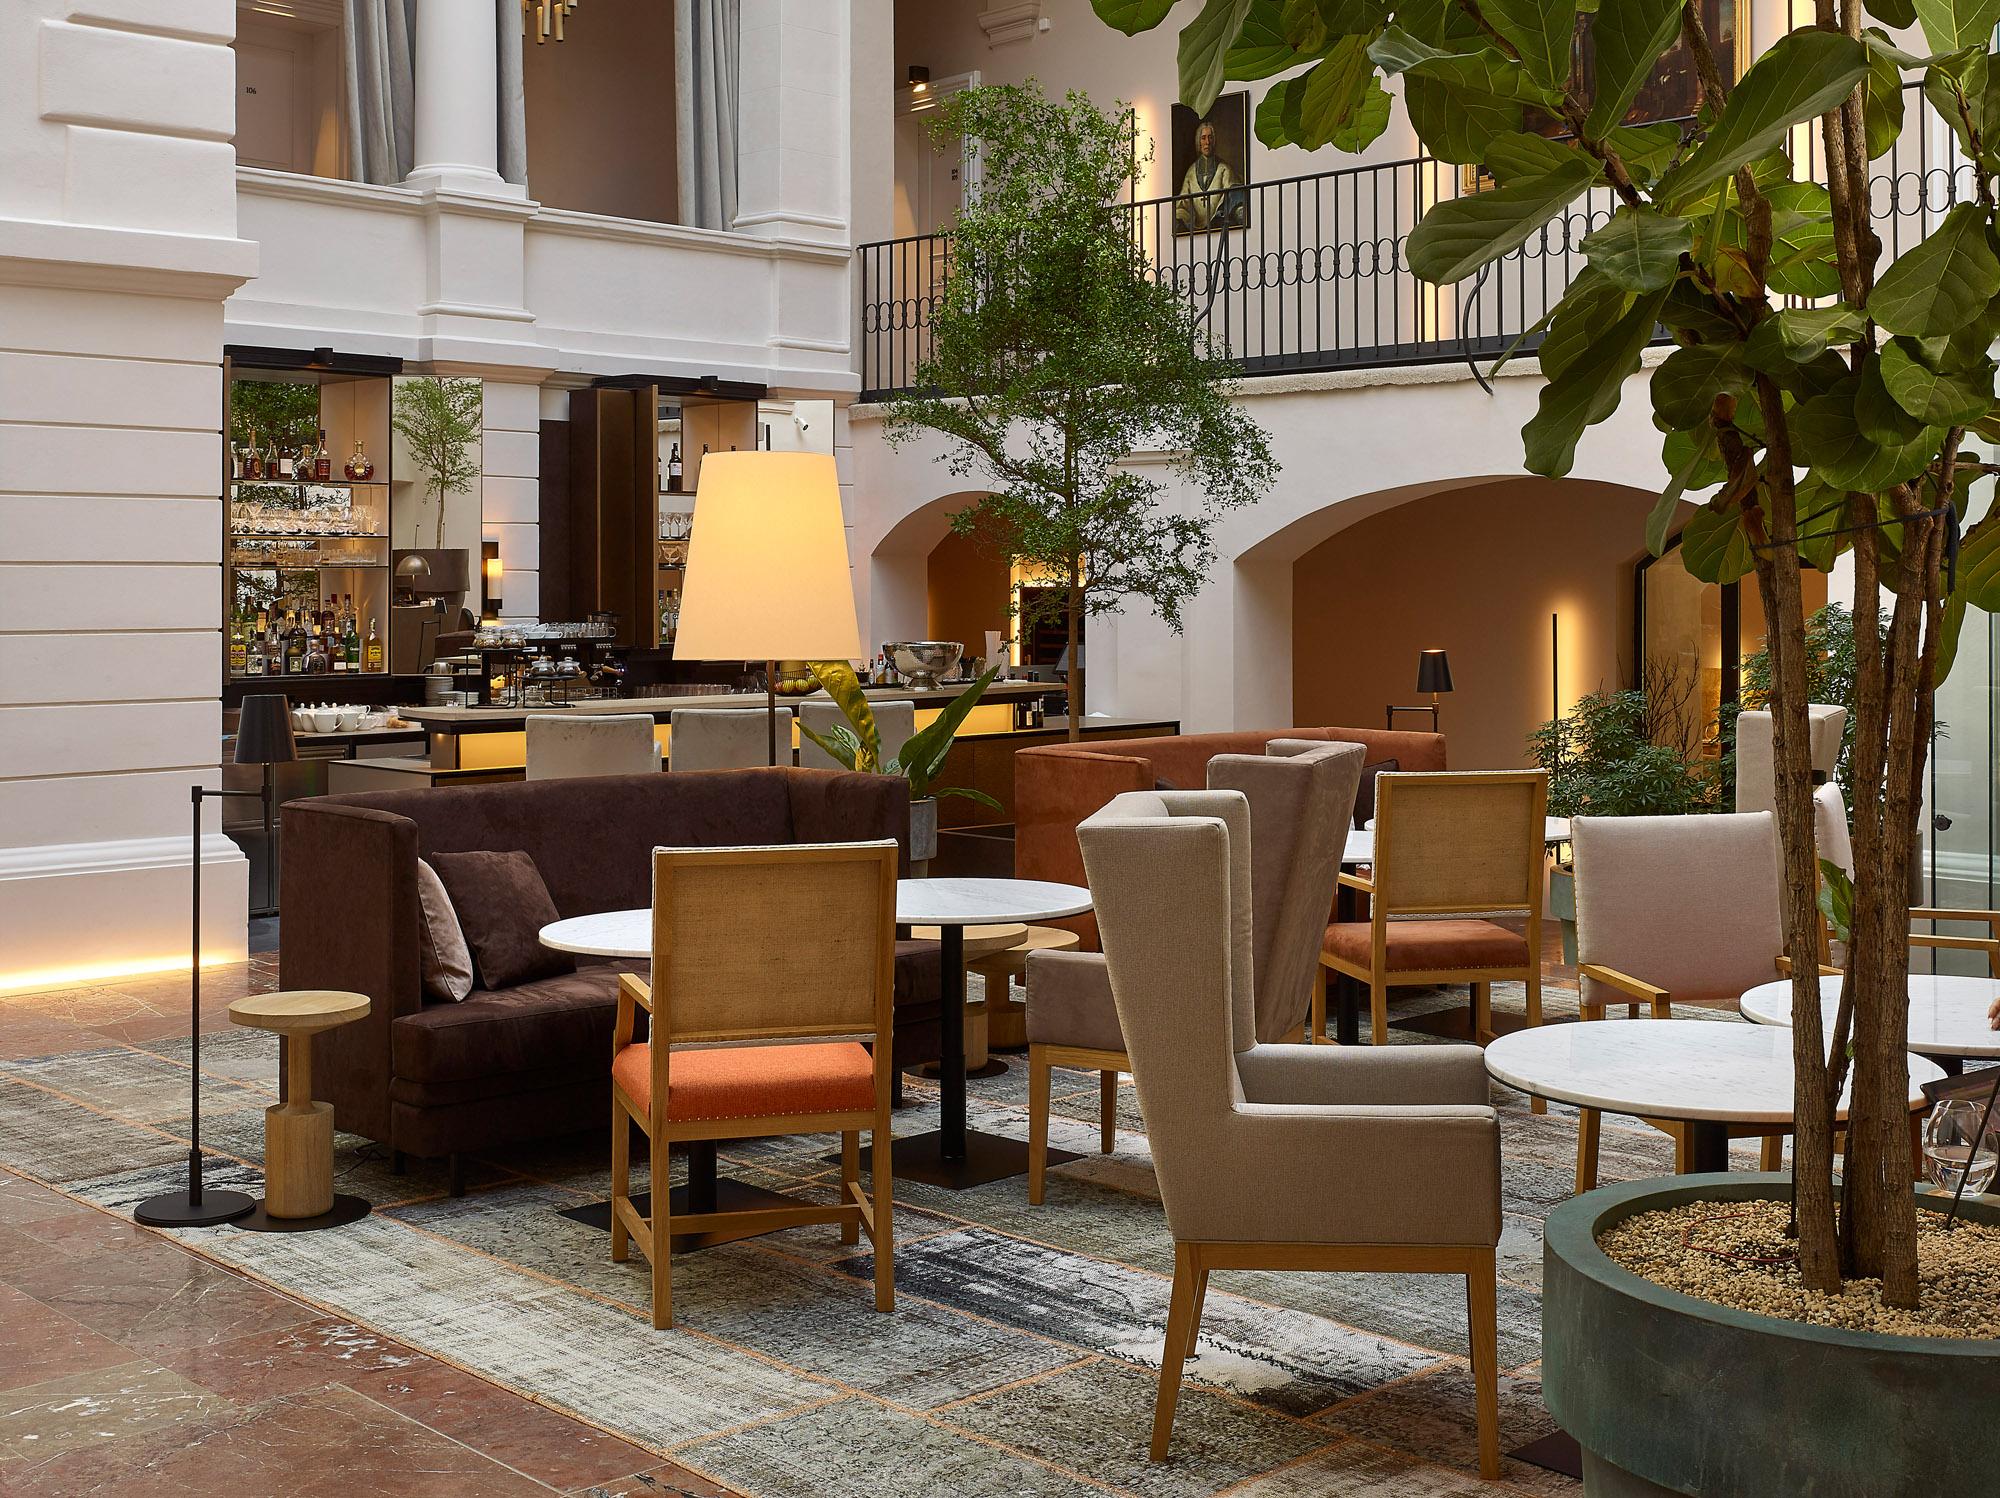 HOTEL CLARA FUTURA